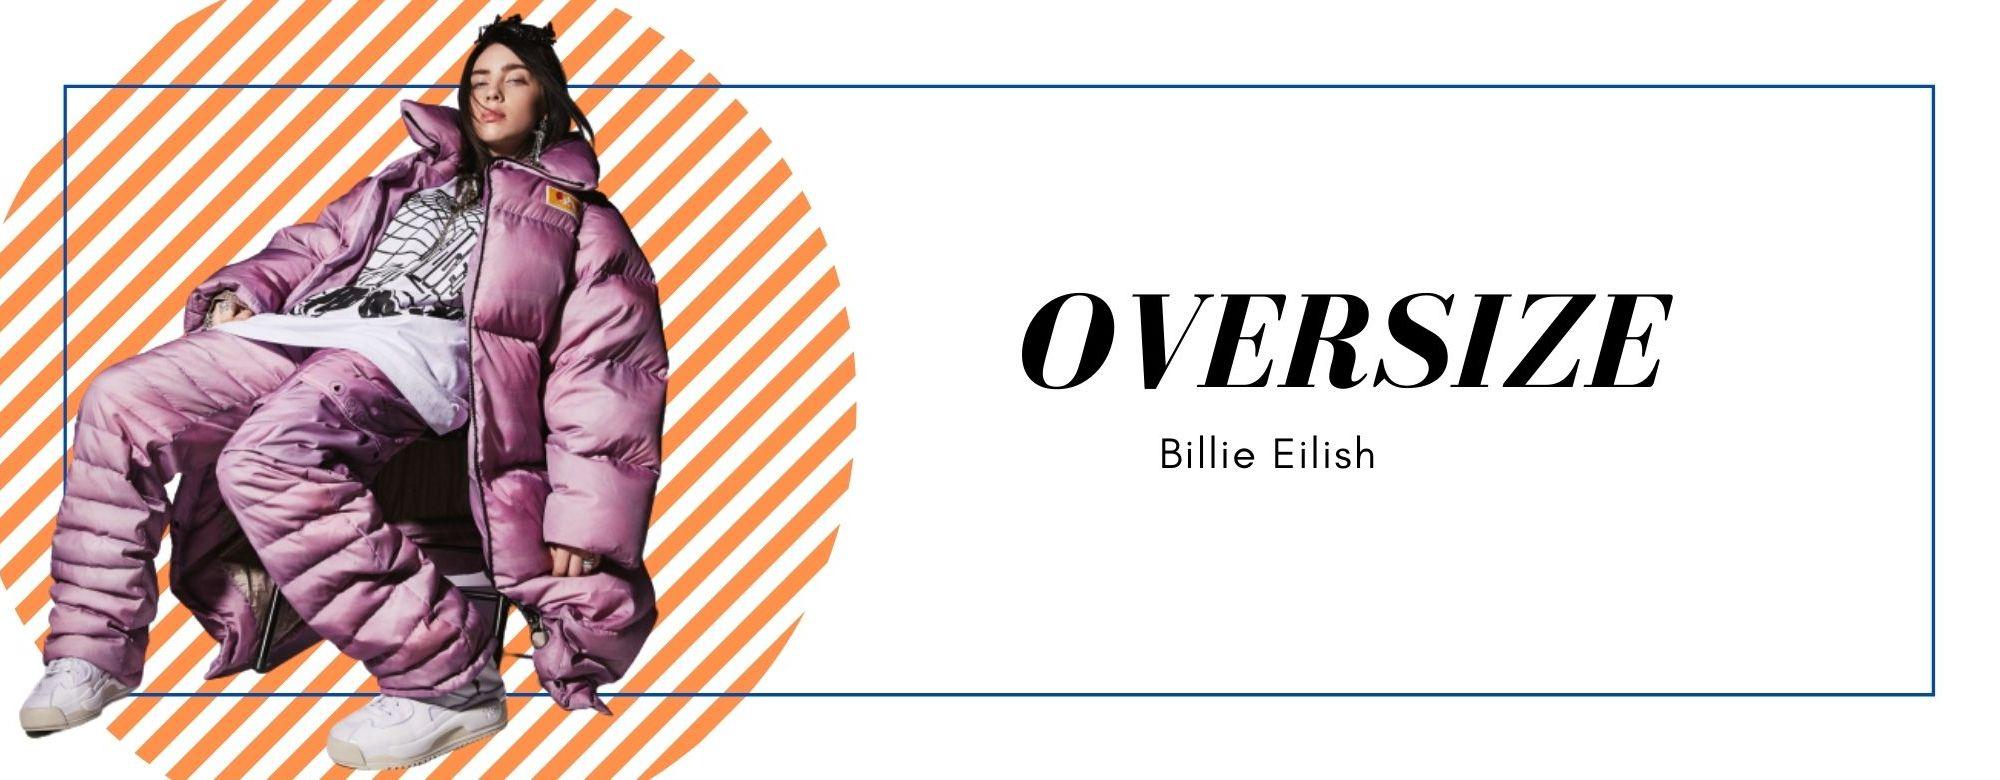 Billie Eilish: Rompe cánones de belleza y estereotipos asociados a las mujeres dentro de la industria del entretenimiento